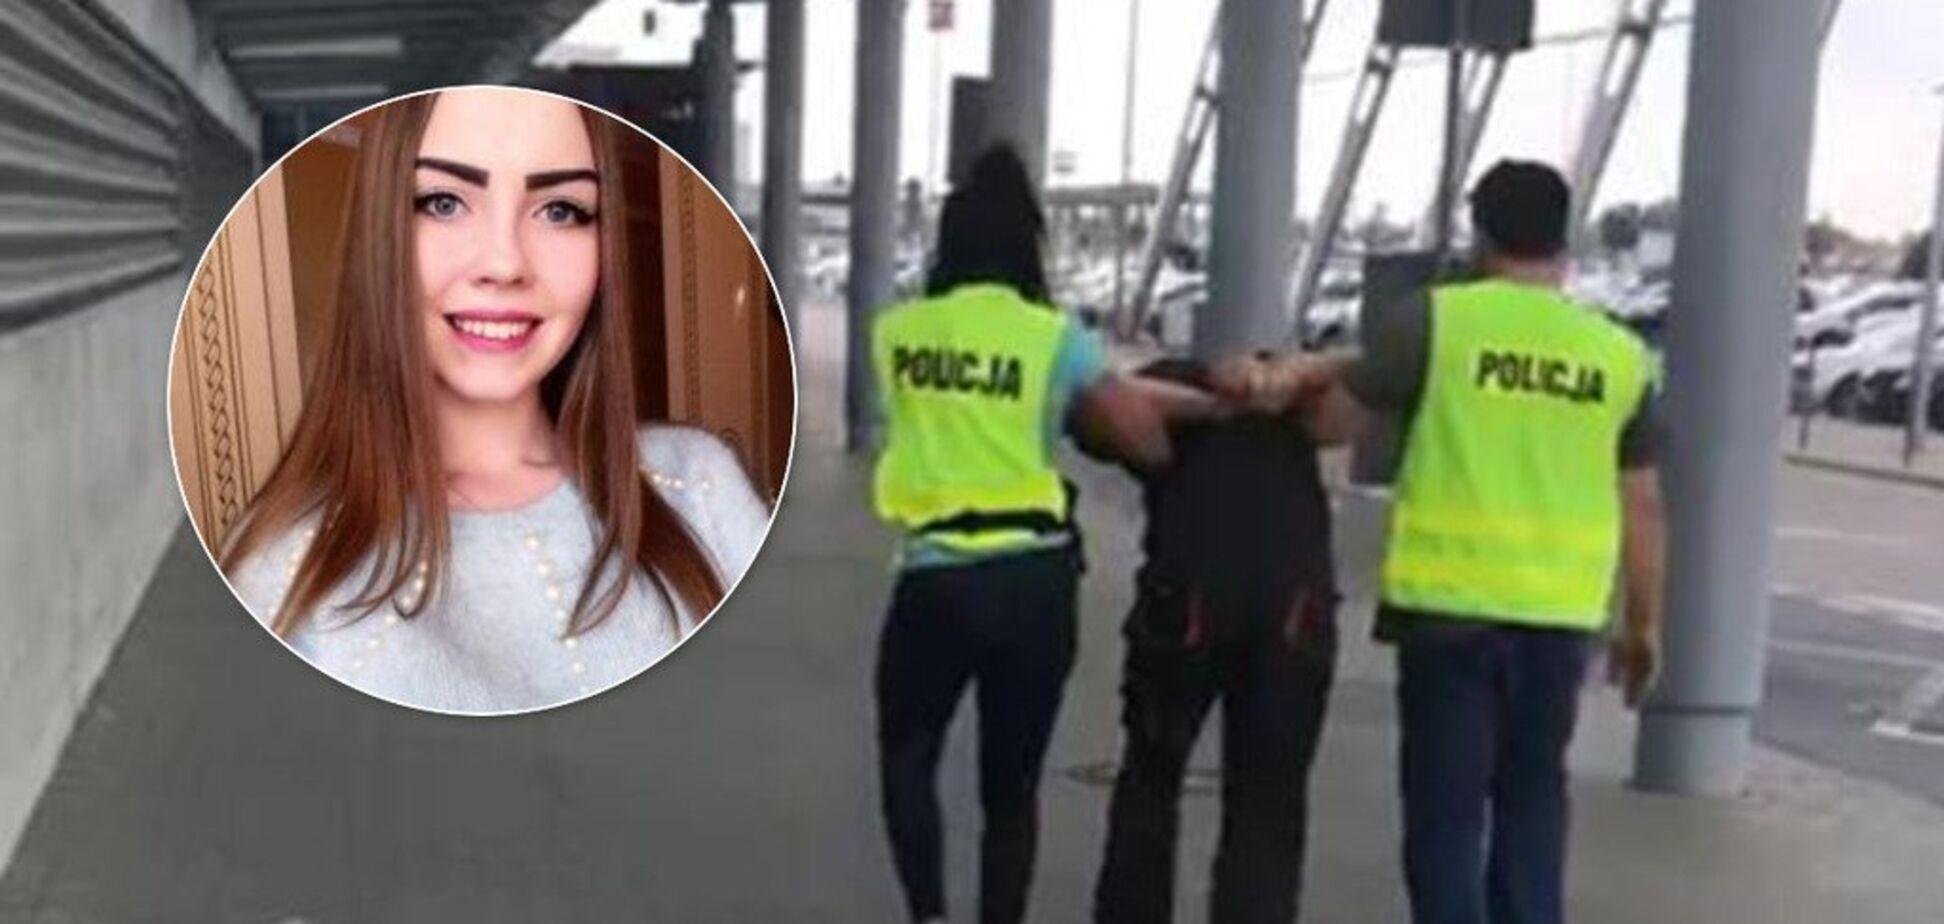 Полиция задержала подозреваемого в убийстве 17-летней девушки